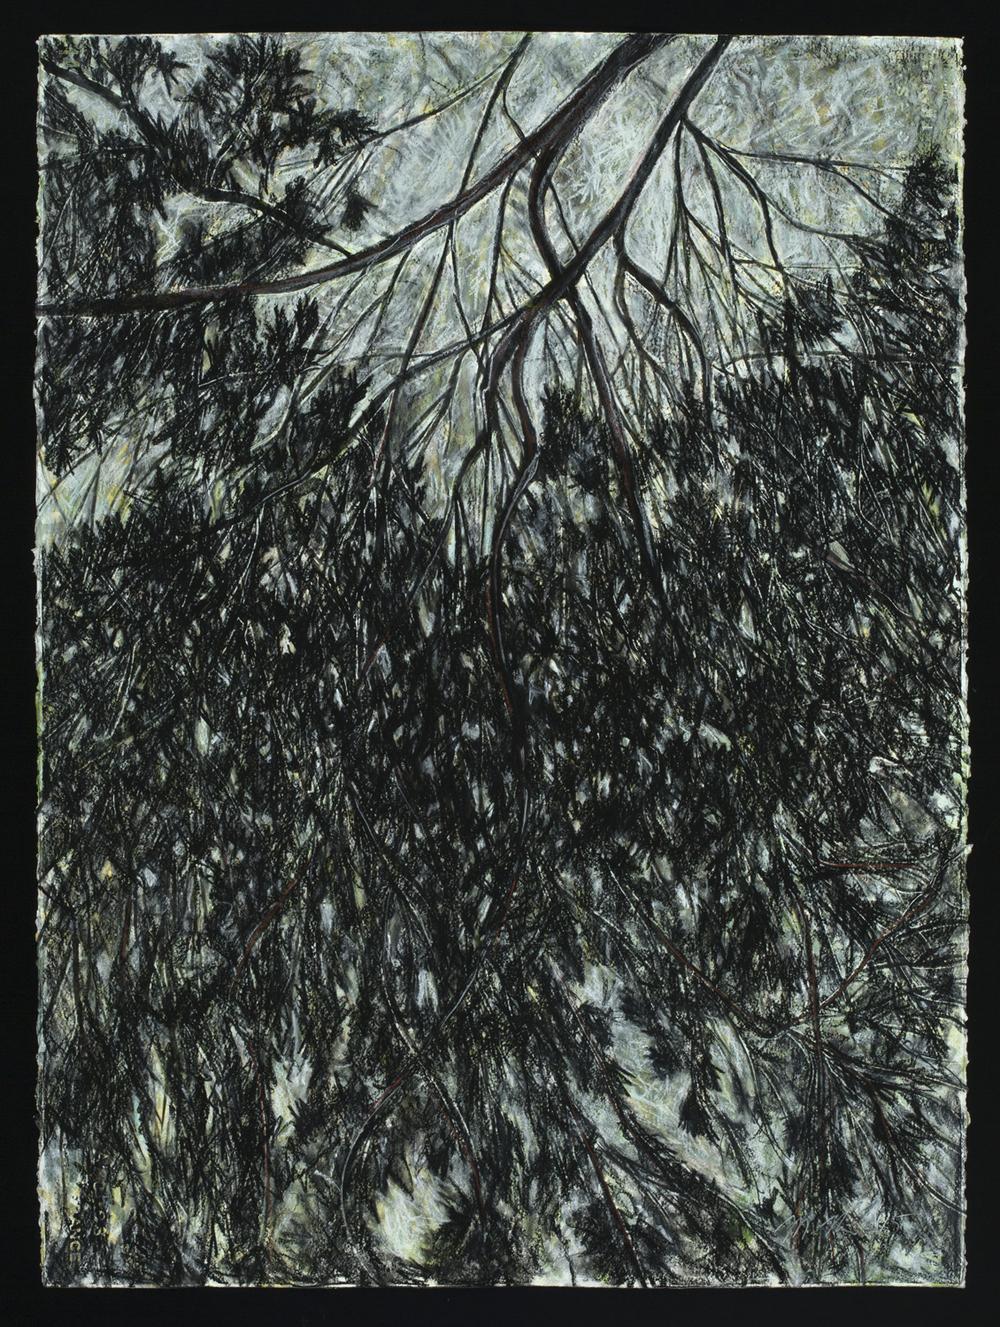 Riparian Curtain 2, 2015